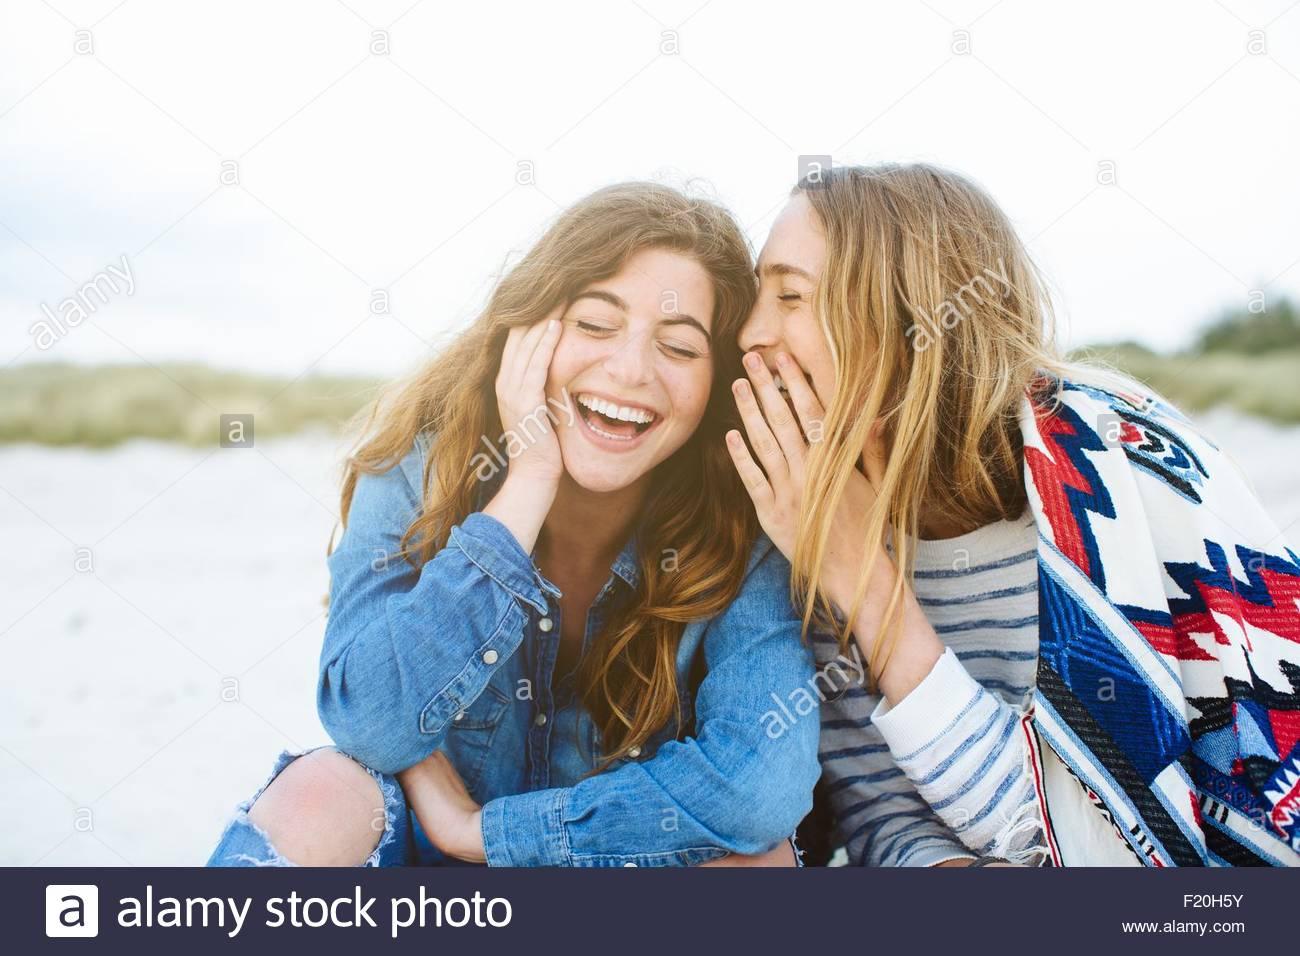 Dos amigas jóvenes susurrando en la playa Imagen De Stock